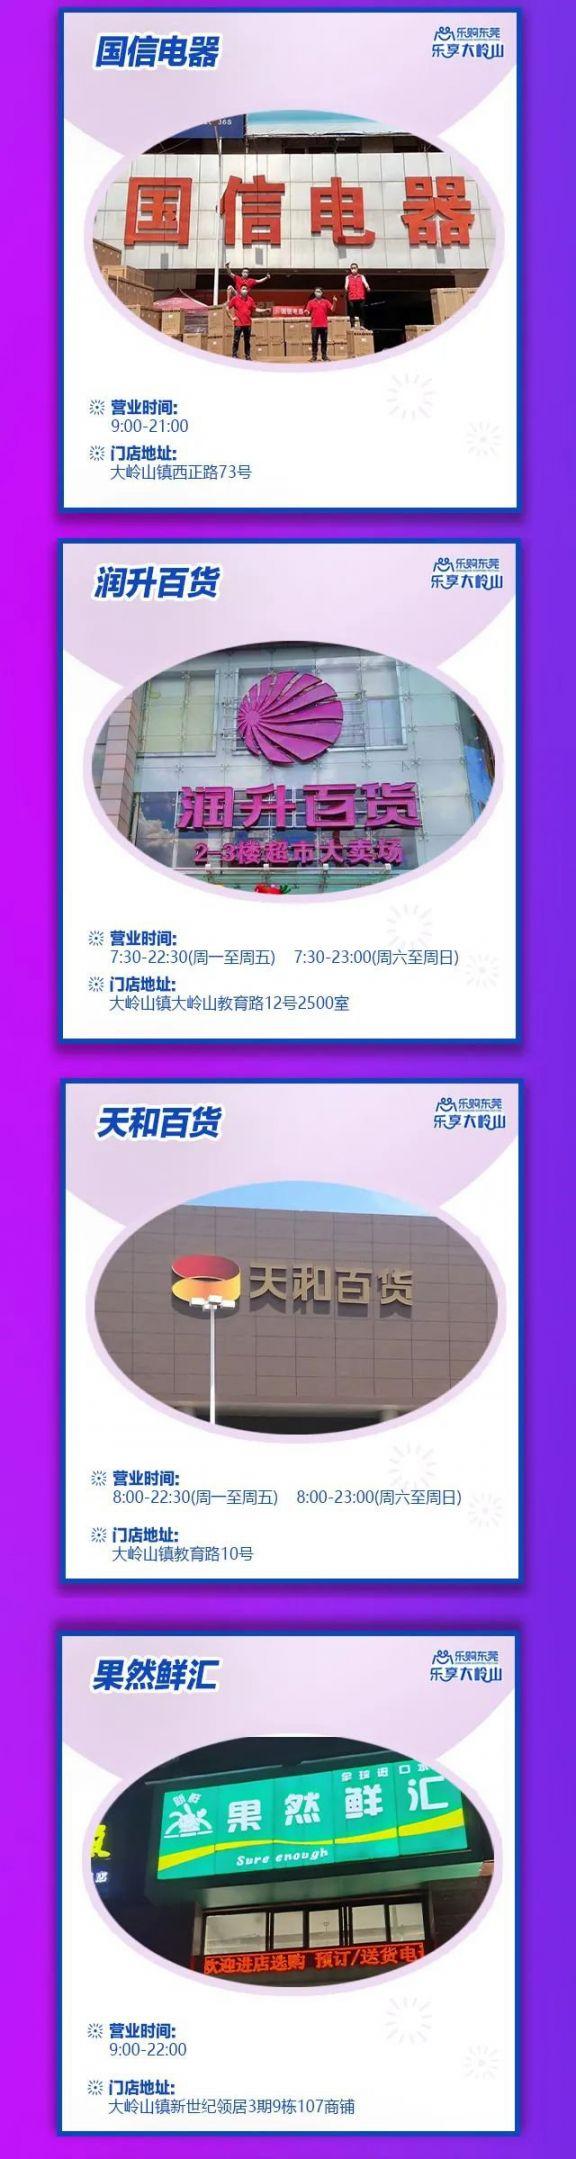 2020东莞大岭山消费券使用门店列表